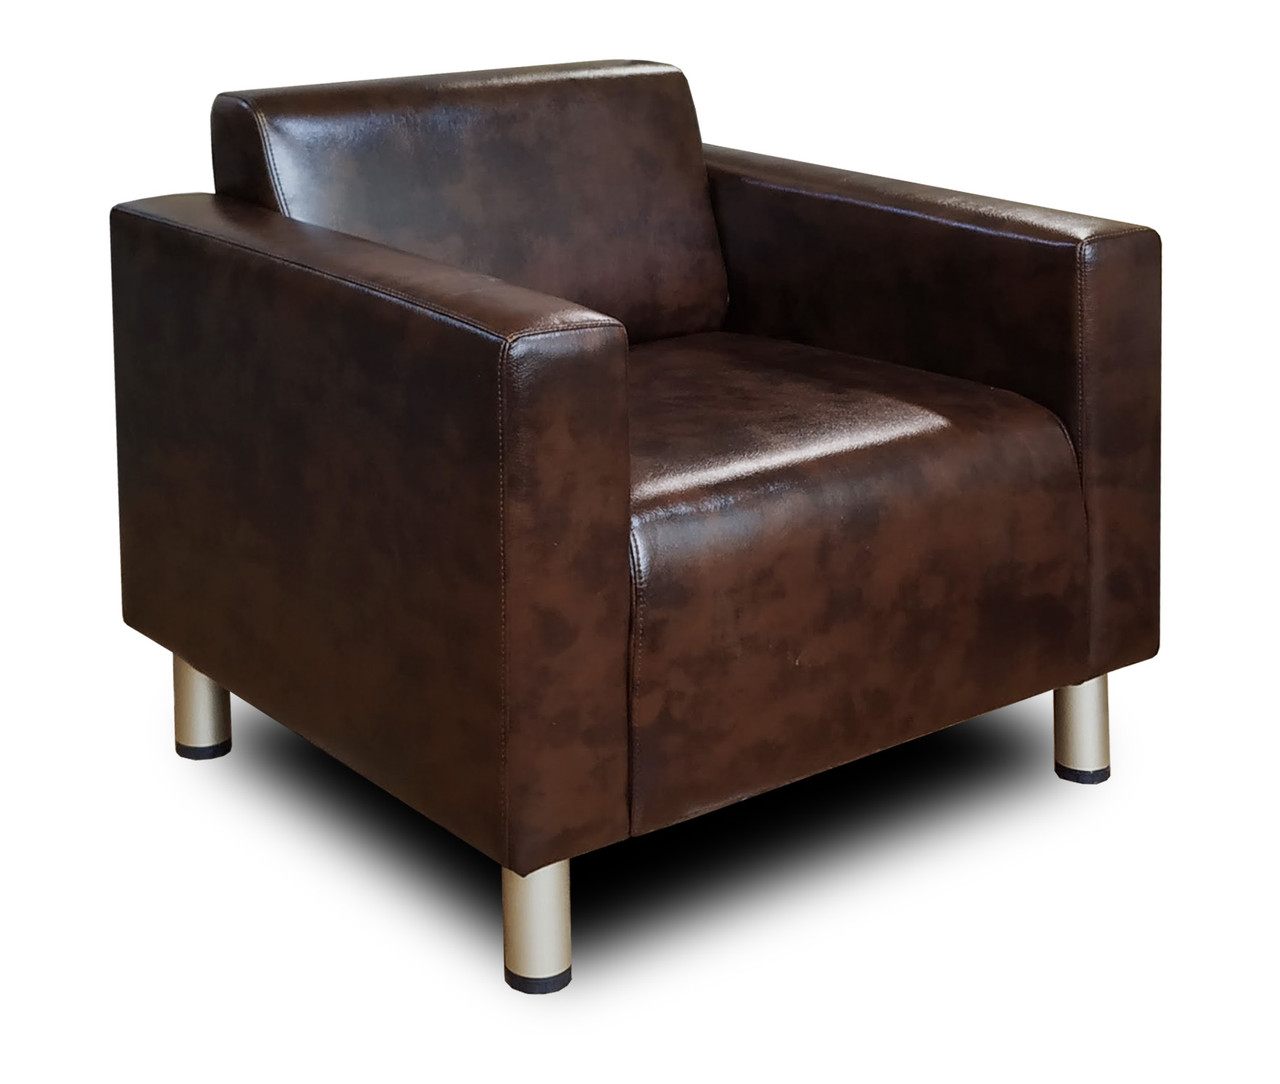 М'яке крісло офісне Кристал з підлокітниками - Купити